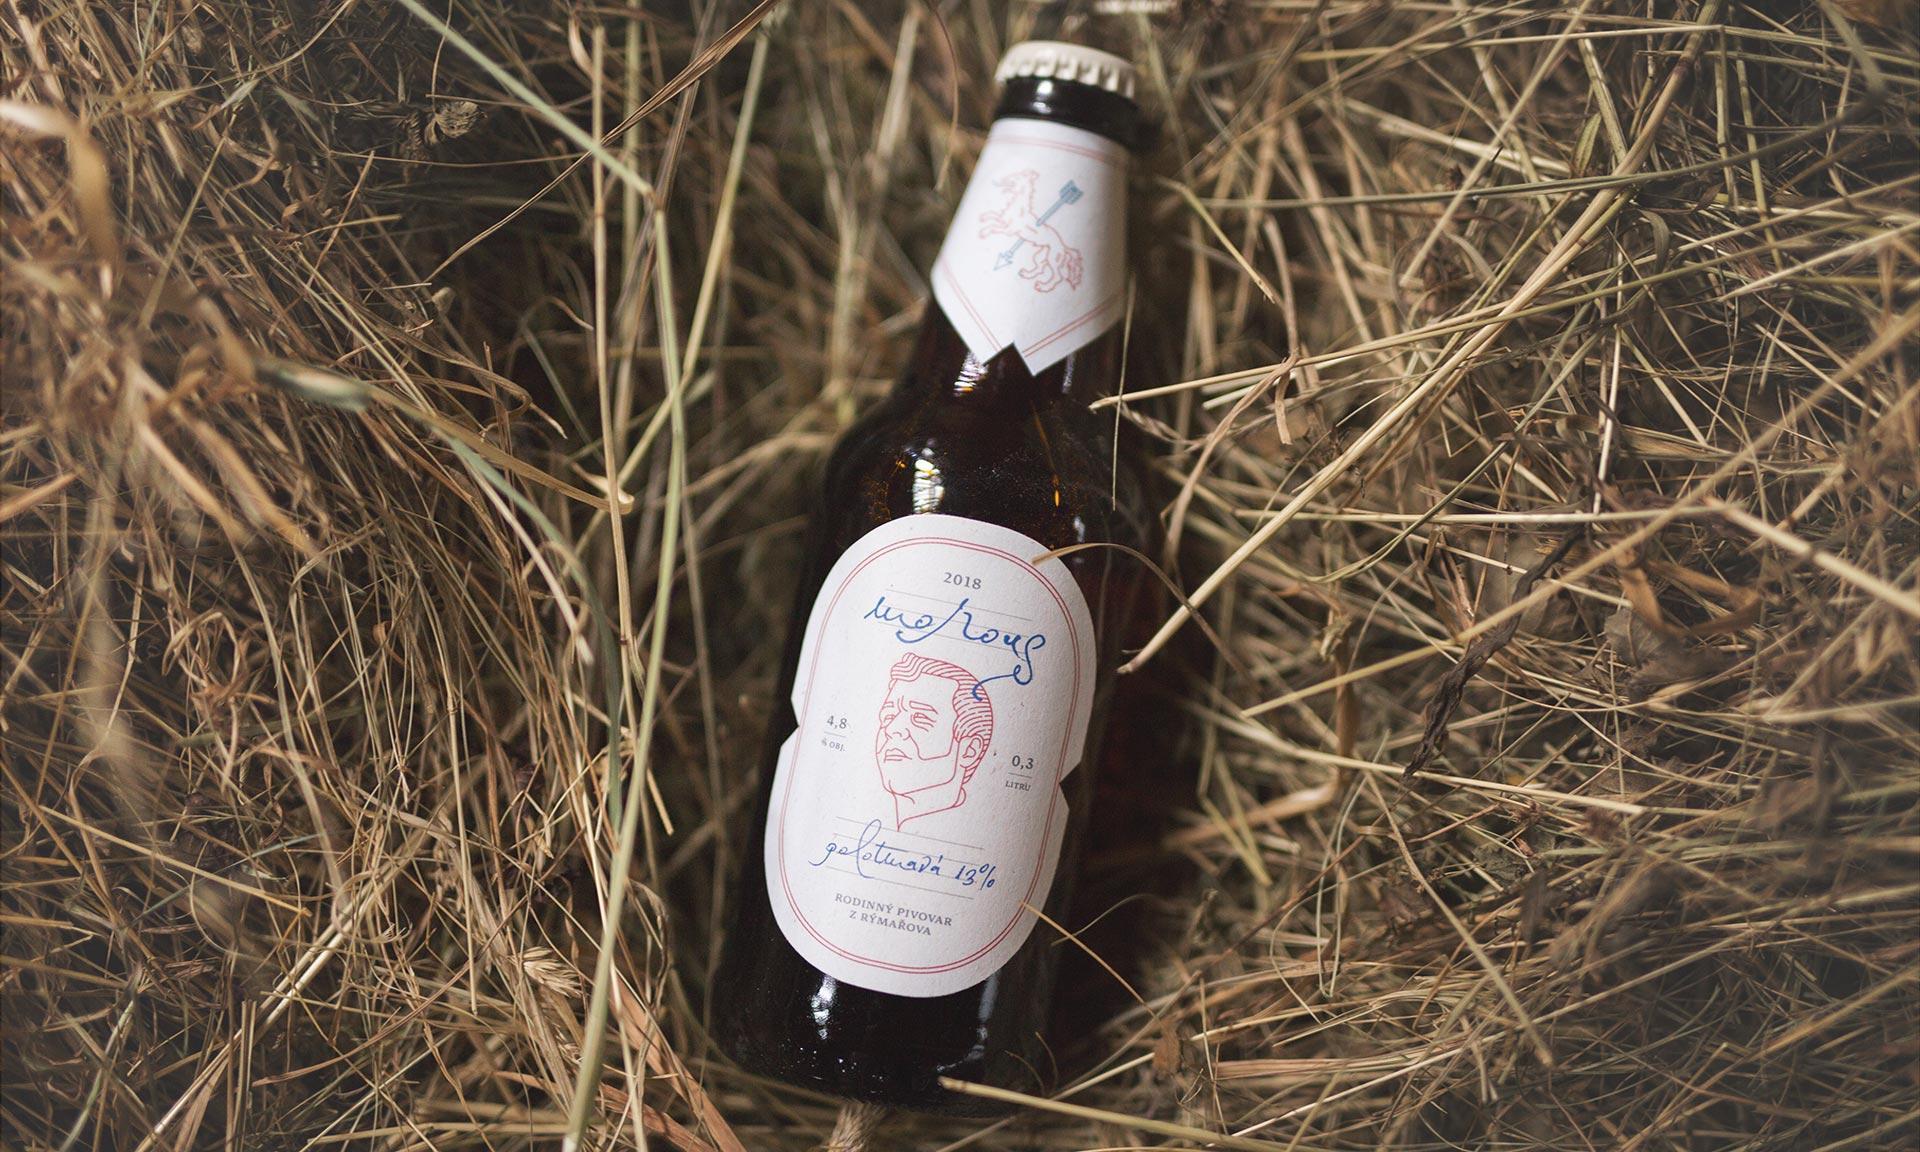 České pivo Morous získalo další ocenění za design s mračícím se sládkem